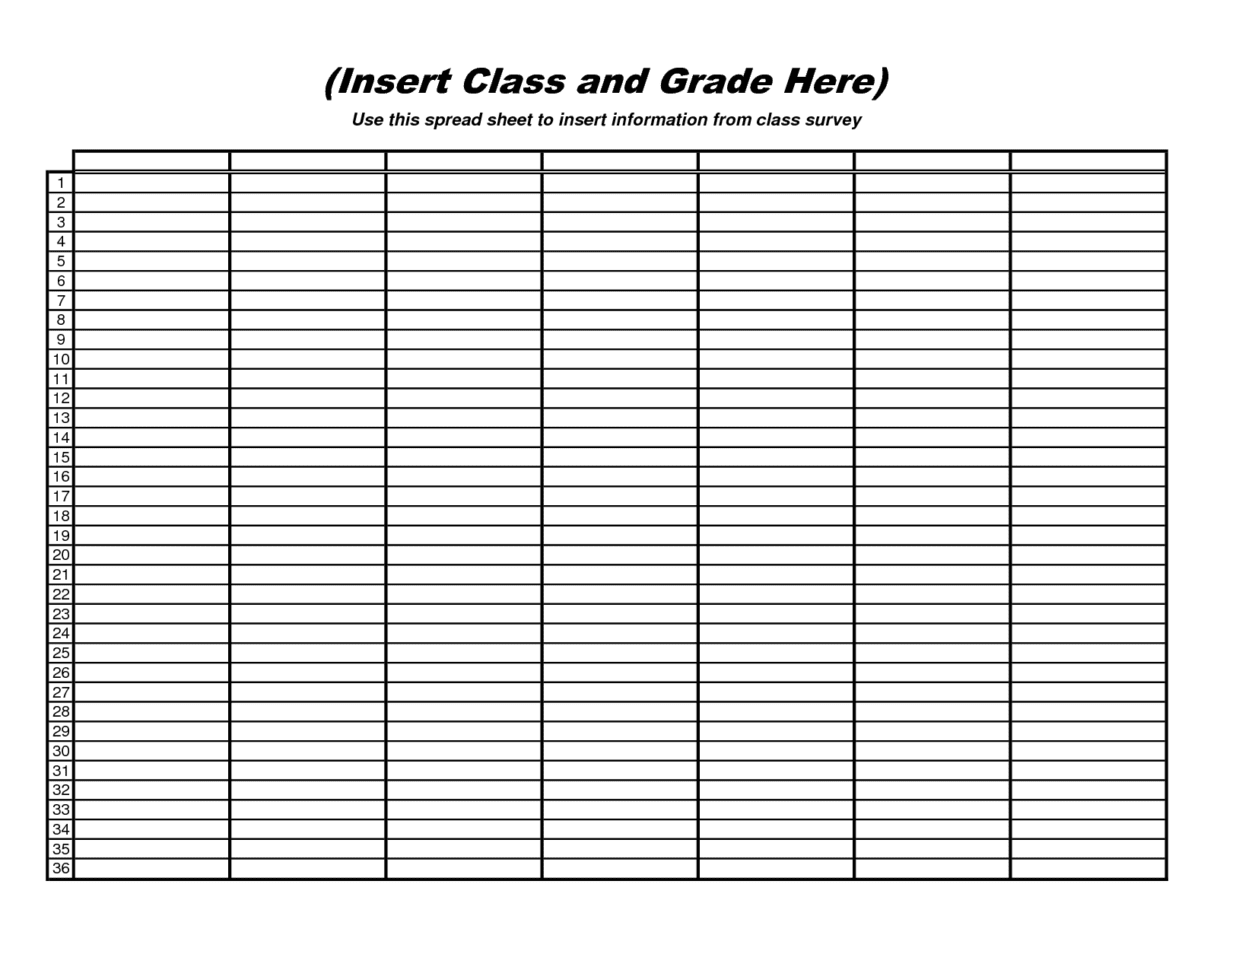 Free Blank Spreadsheet Downloads 1 Data Spreadsheet Template Spreadsheet Templates For Business